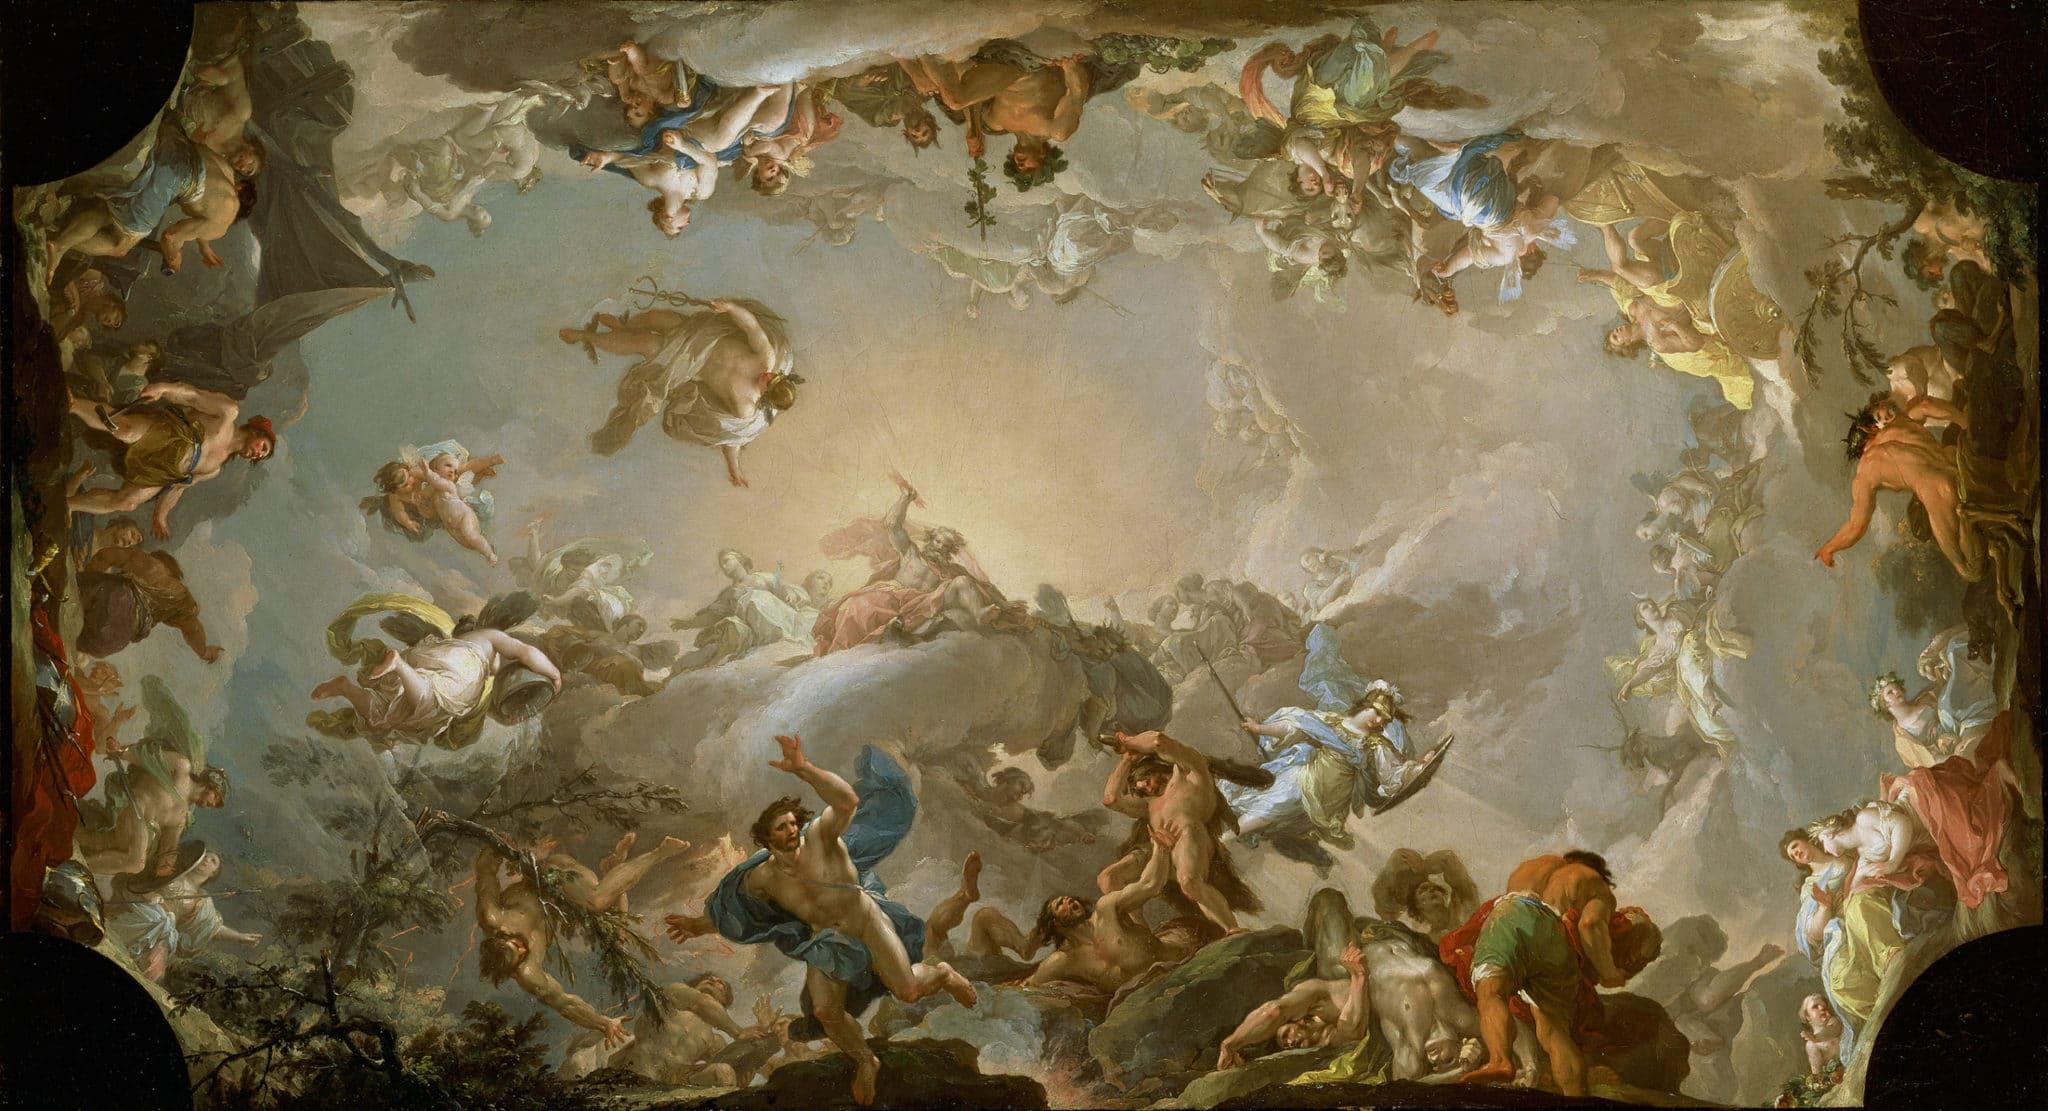 Júpiter derrotando a los gigantes con la ayuda de Hércules y Minerva, de Francisco Bayeu © Museo Nacional del Prado